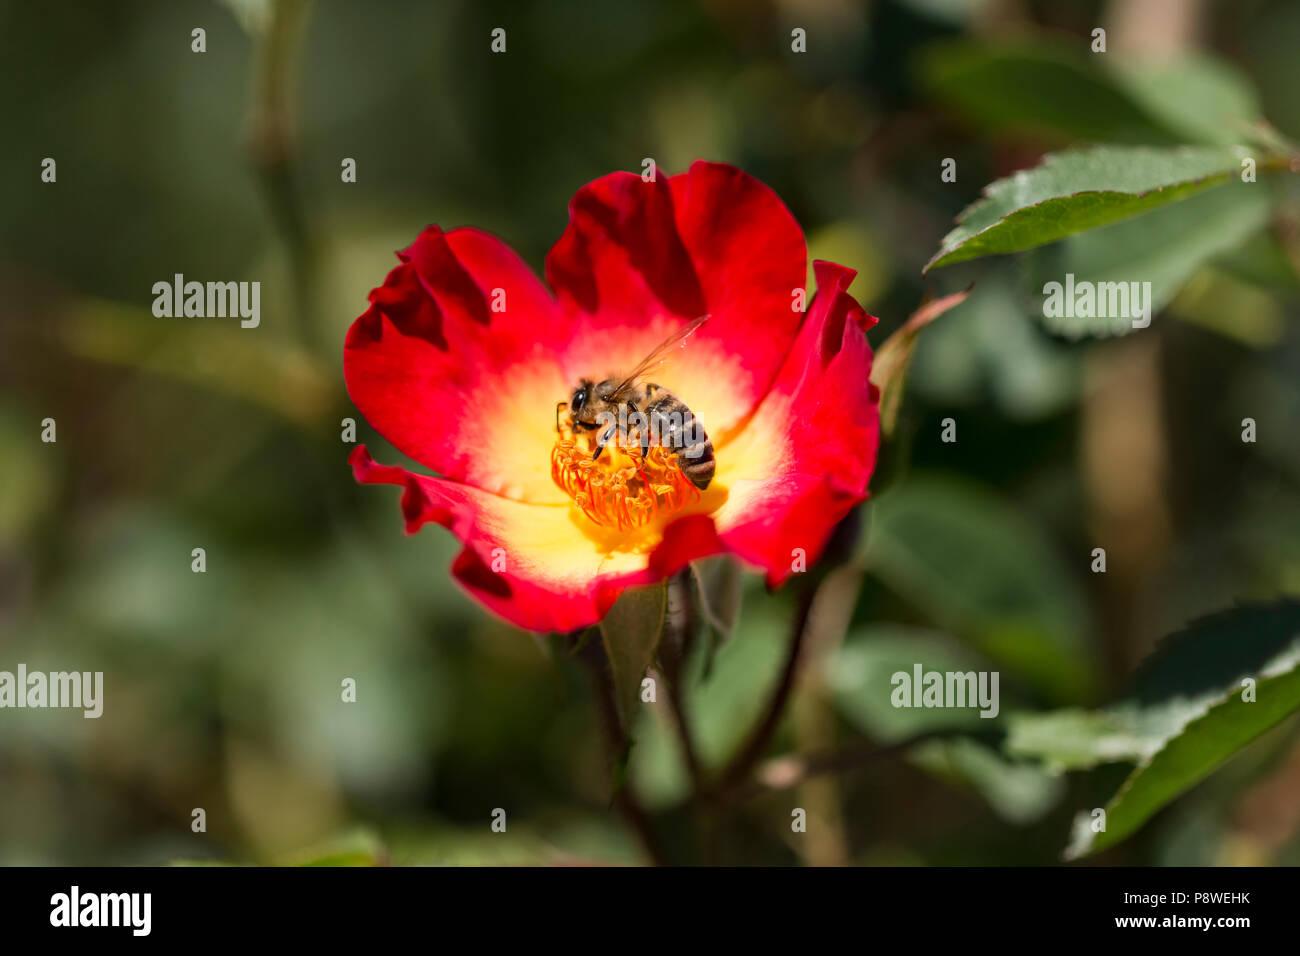 Abeille recueille nectar des fleurs d'une fleur rouge Banque D'Images